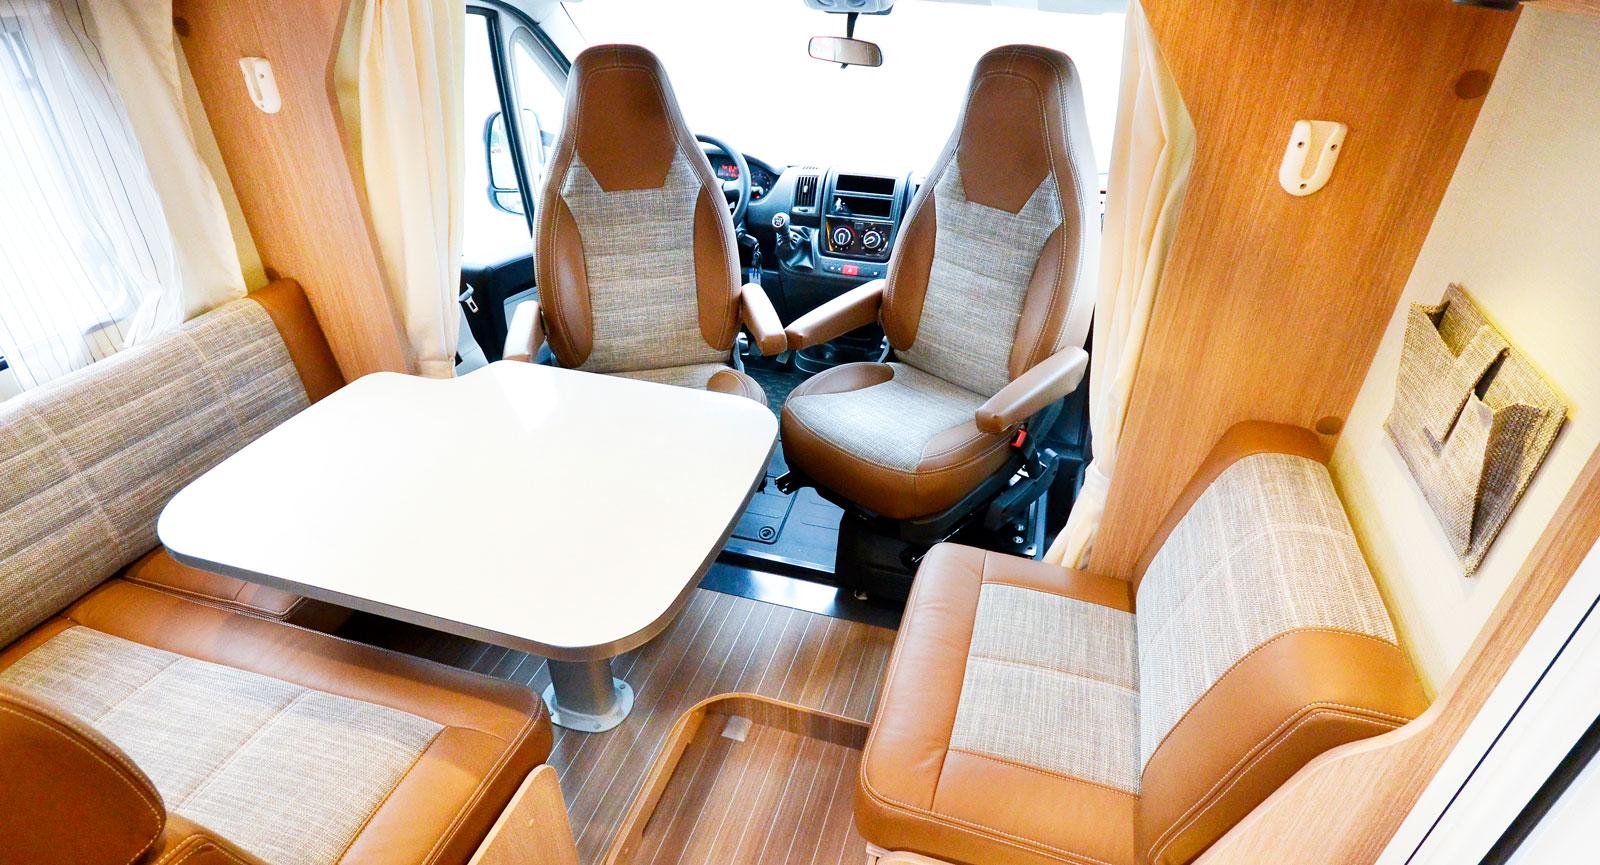 läder. Materialet på kanterna av sätena är äkta läder vilket hör till jubileumspaketet för tioåringen.